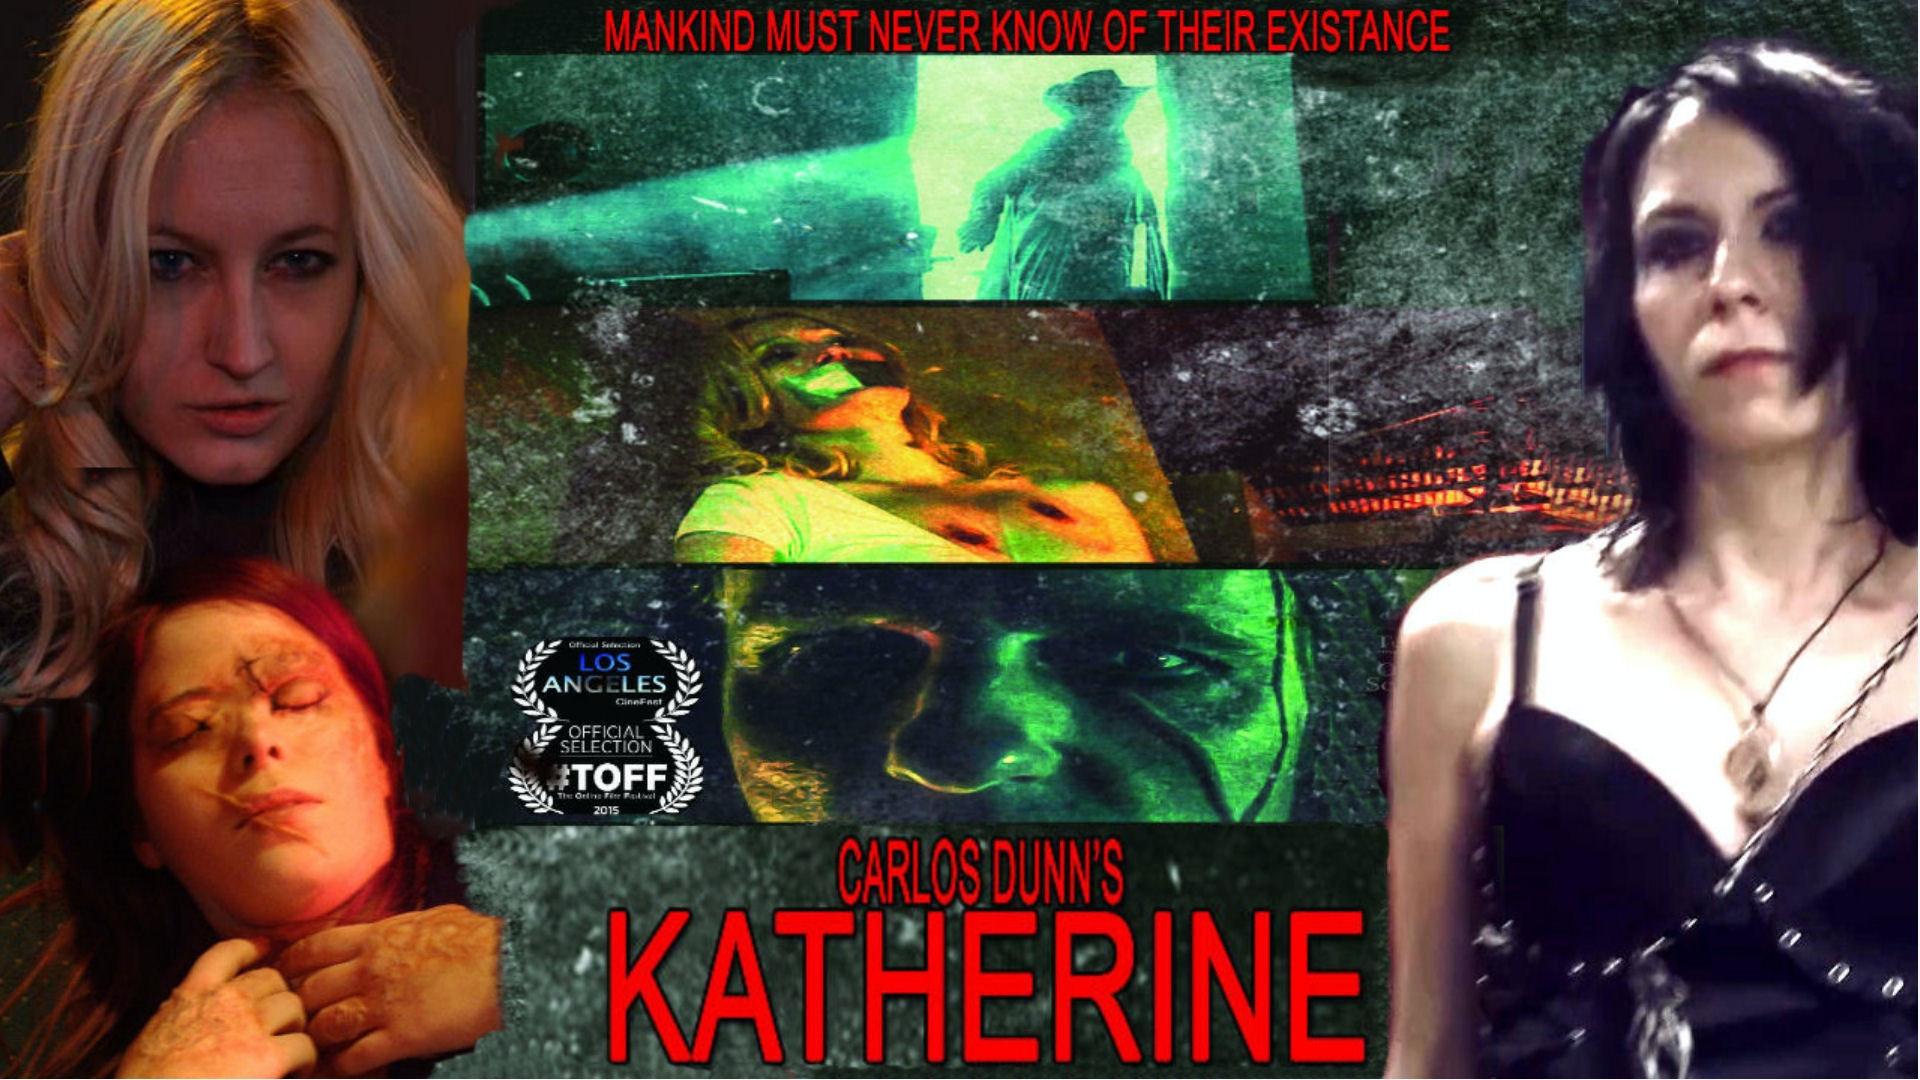 Carlos Dunn's Katherine